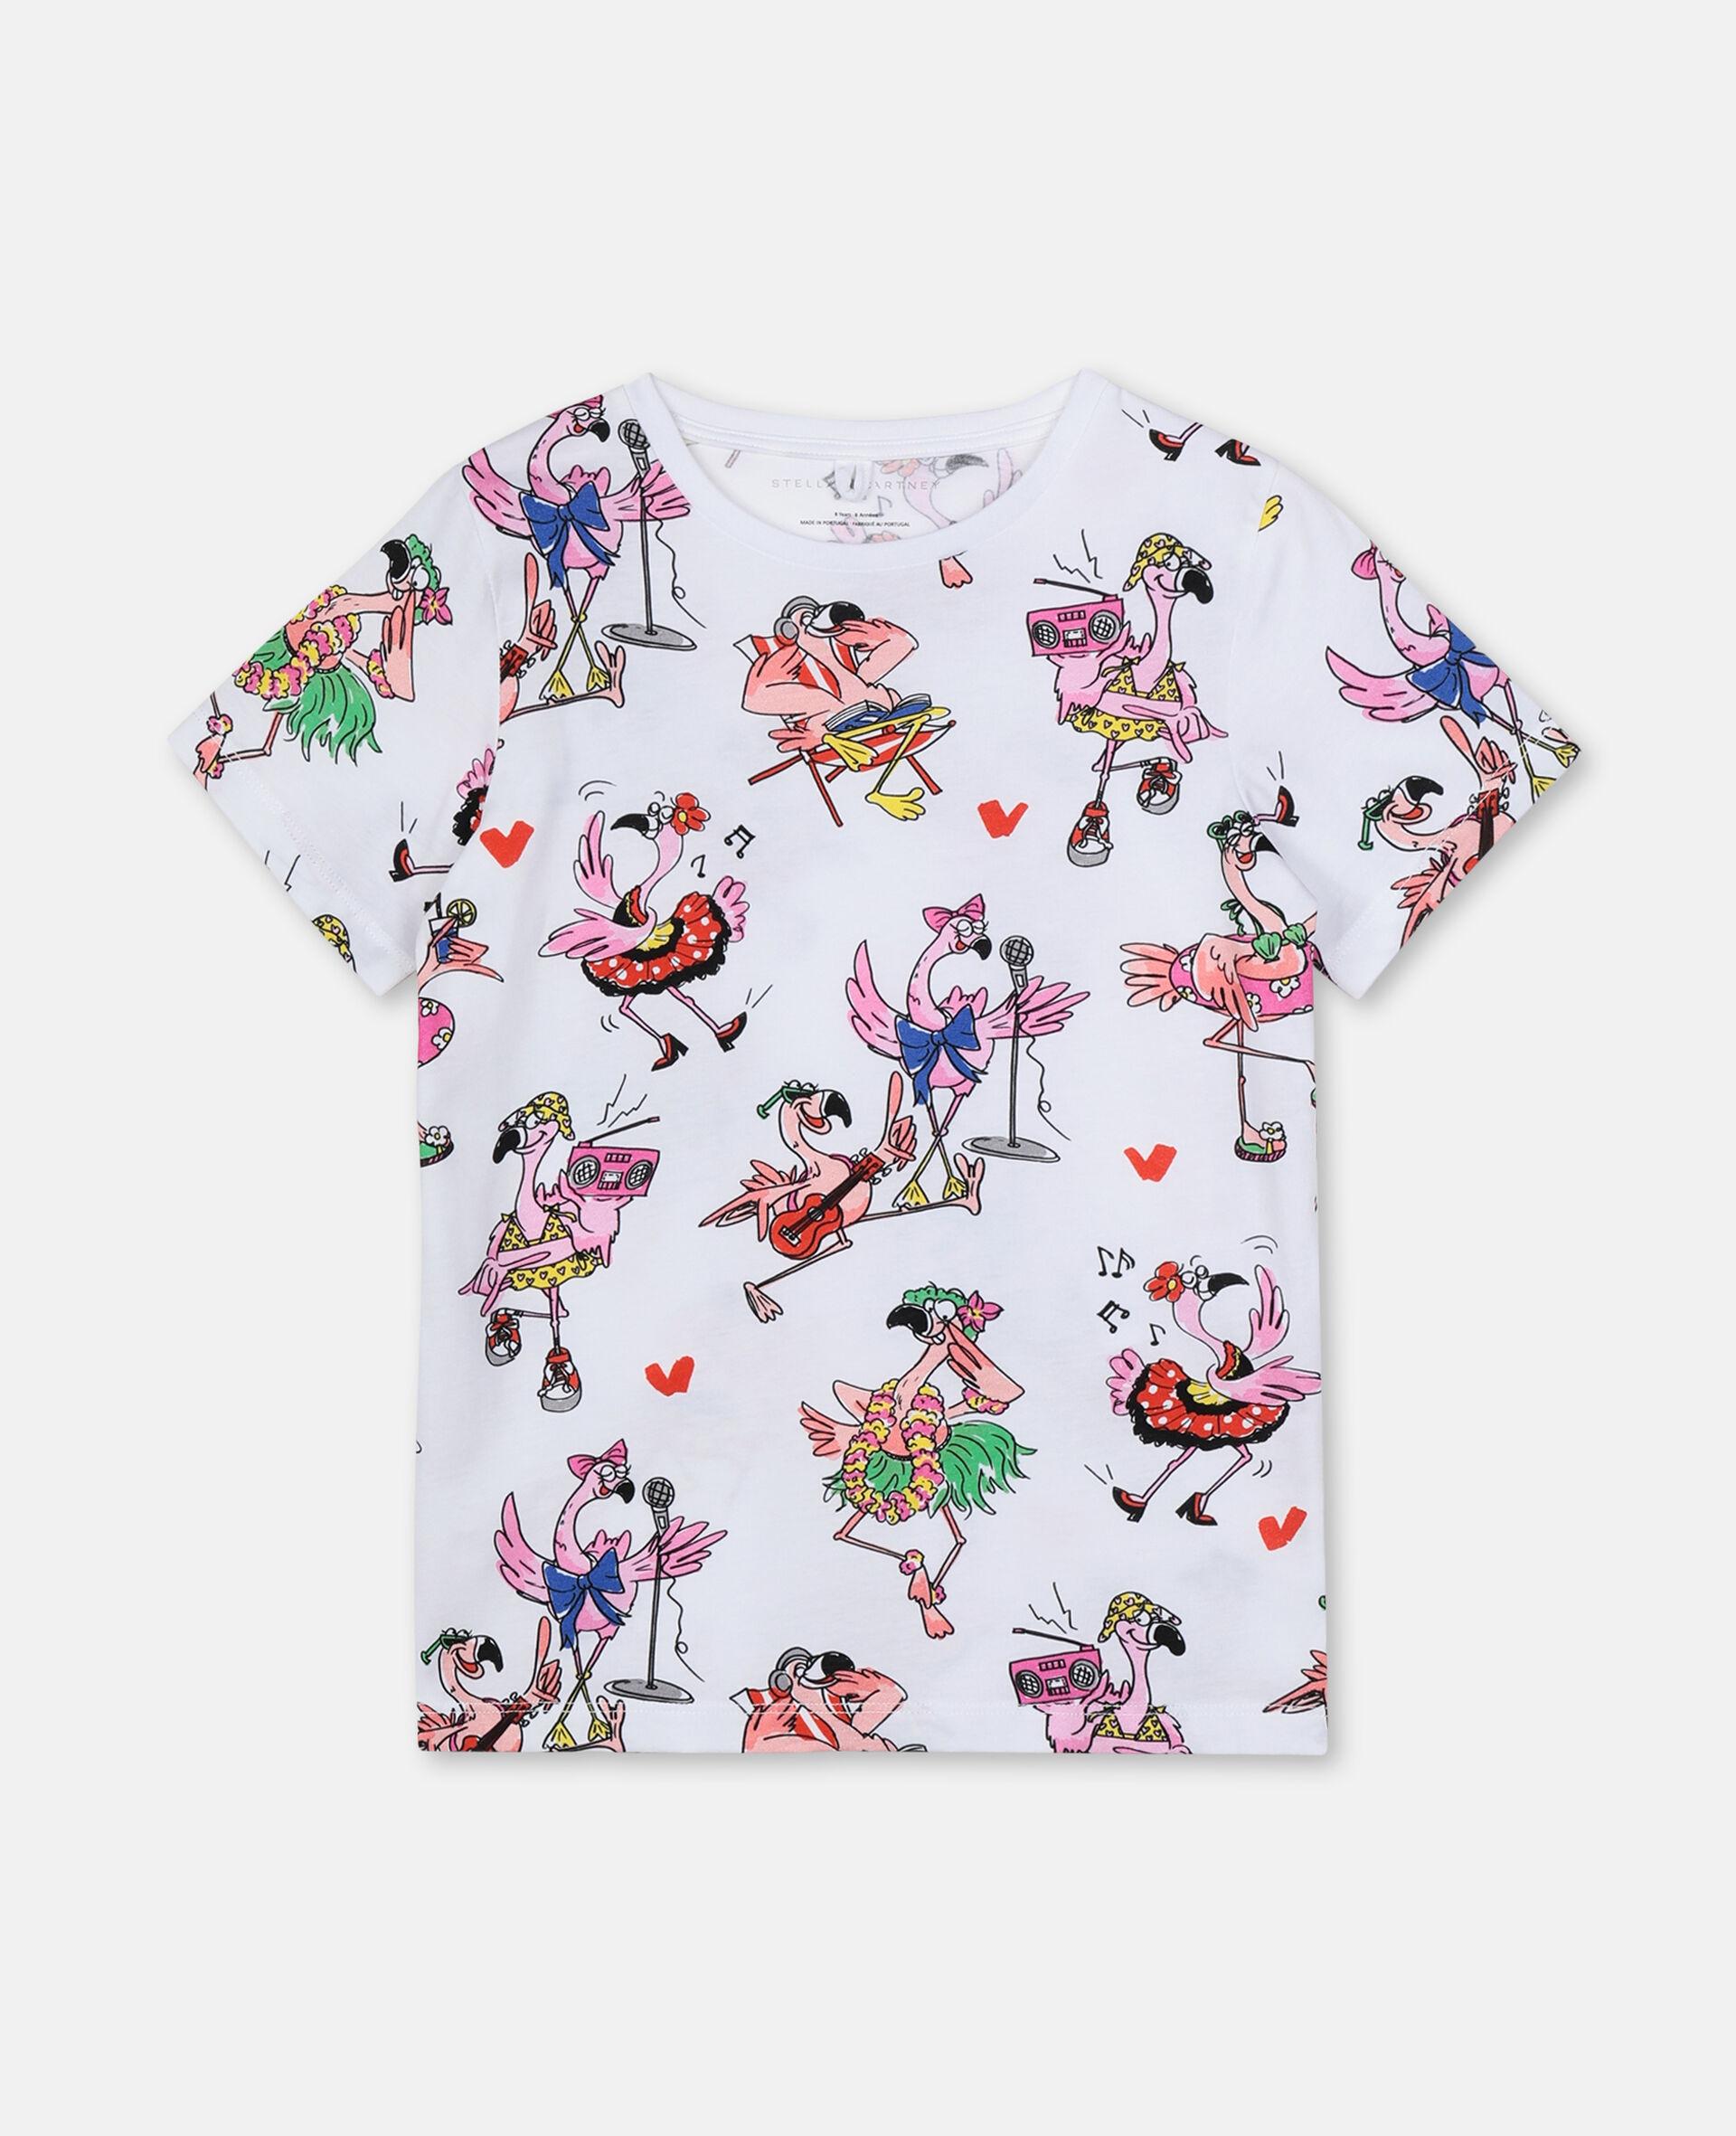 T-shirt en coton avec flamants roses festifs-Fantaisie-large image number 0